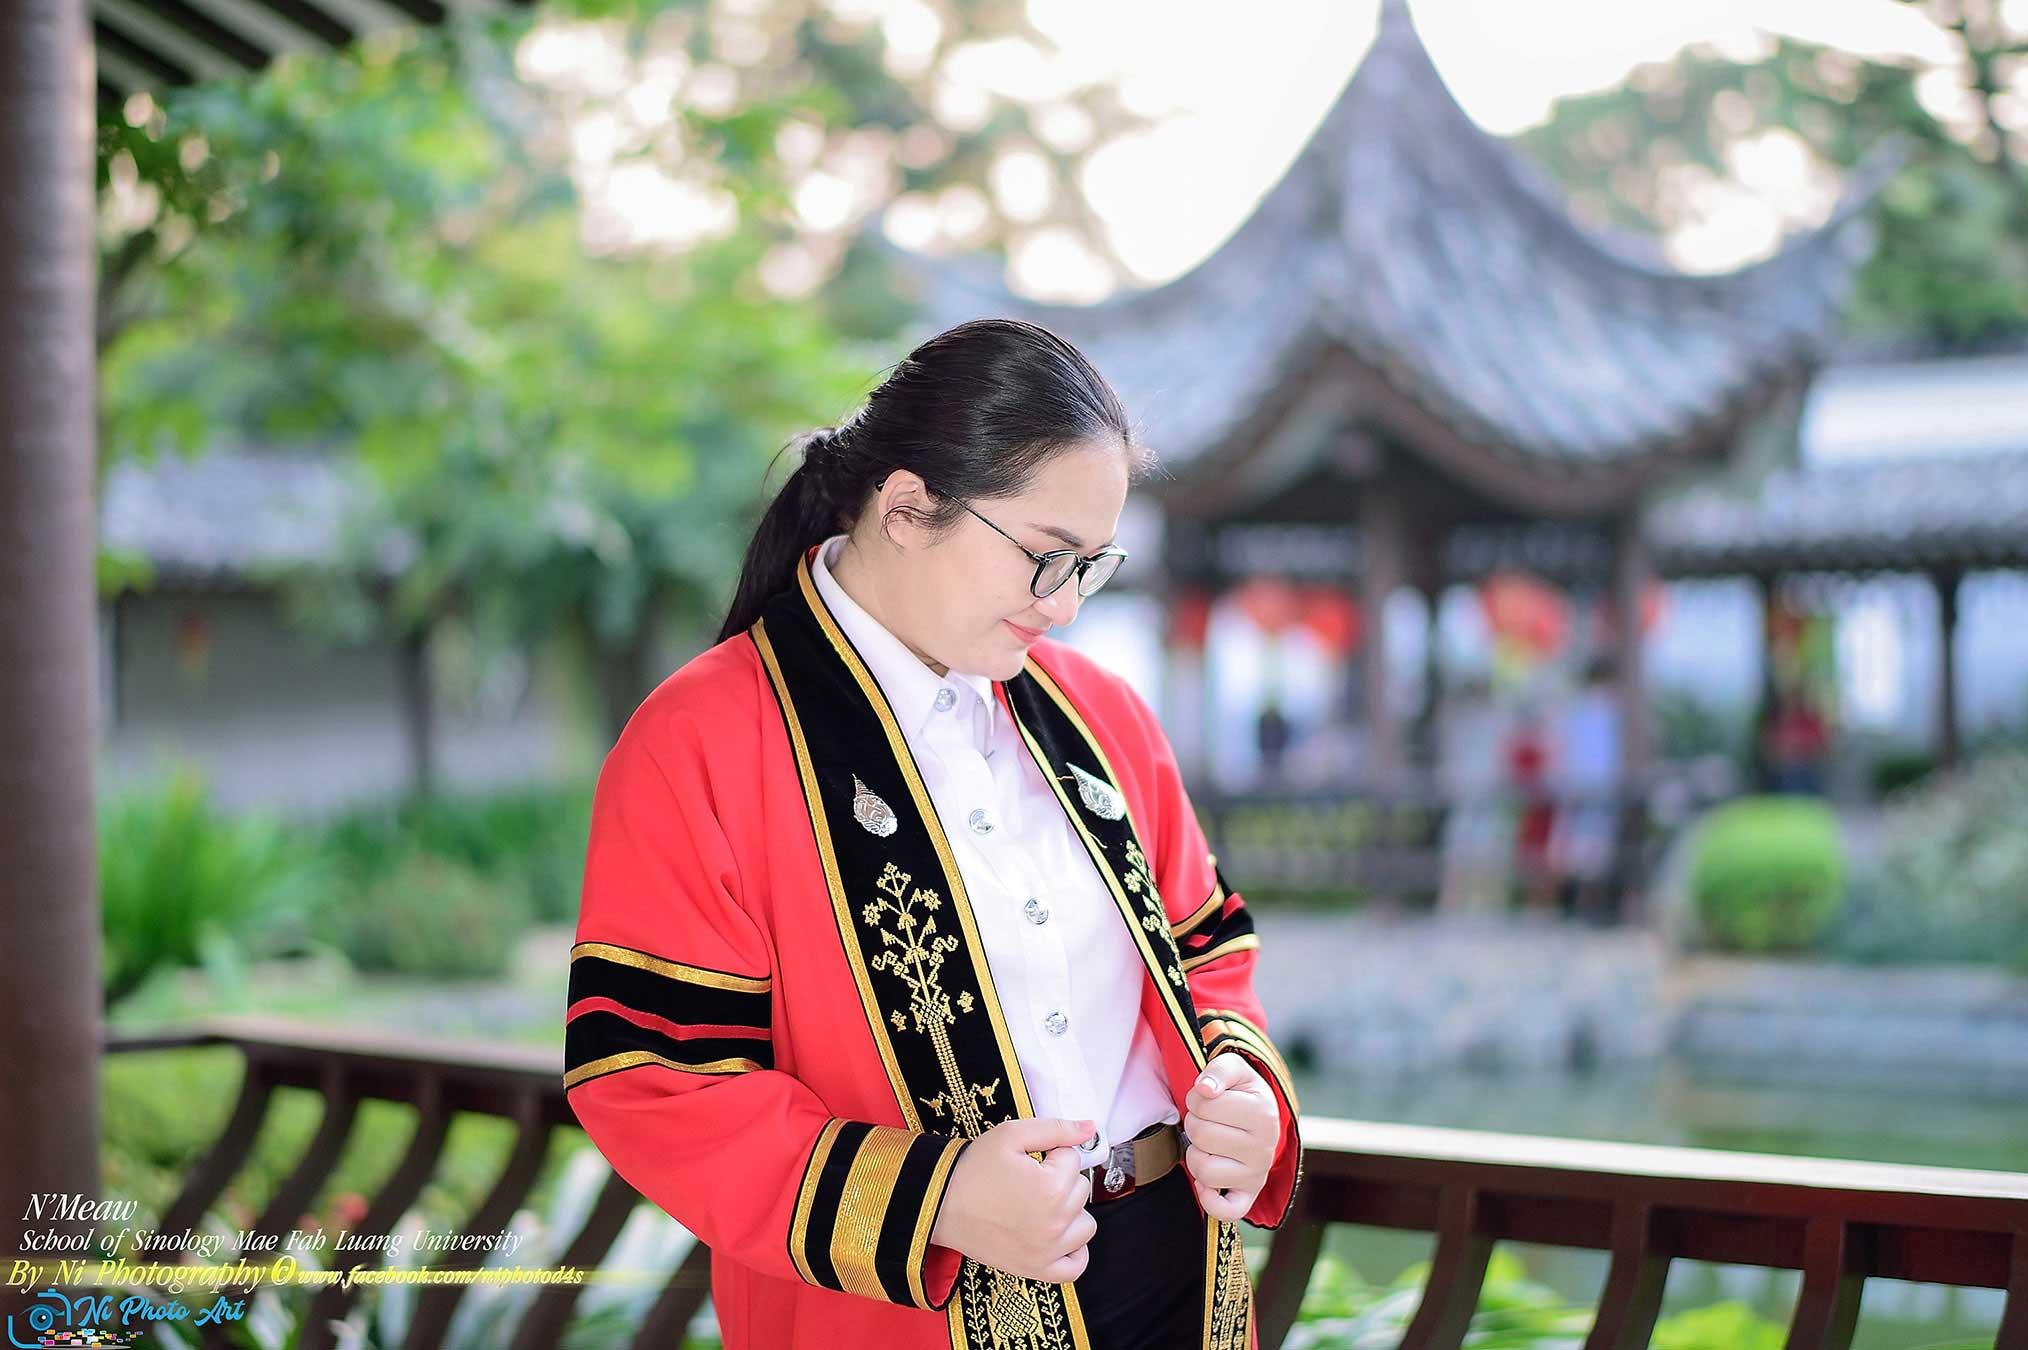 น้องเหมียว สำนักวิชาจีน ม.แม่ฟ้าหลวง